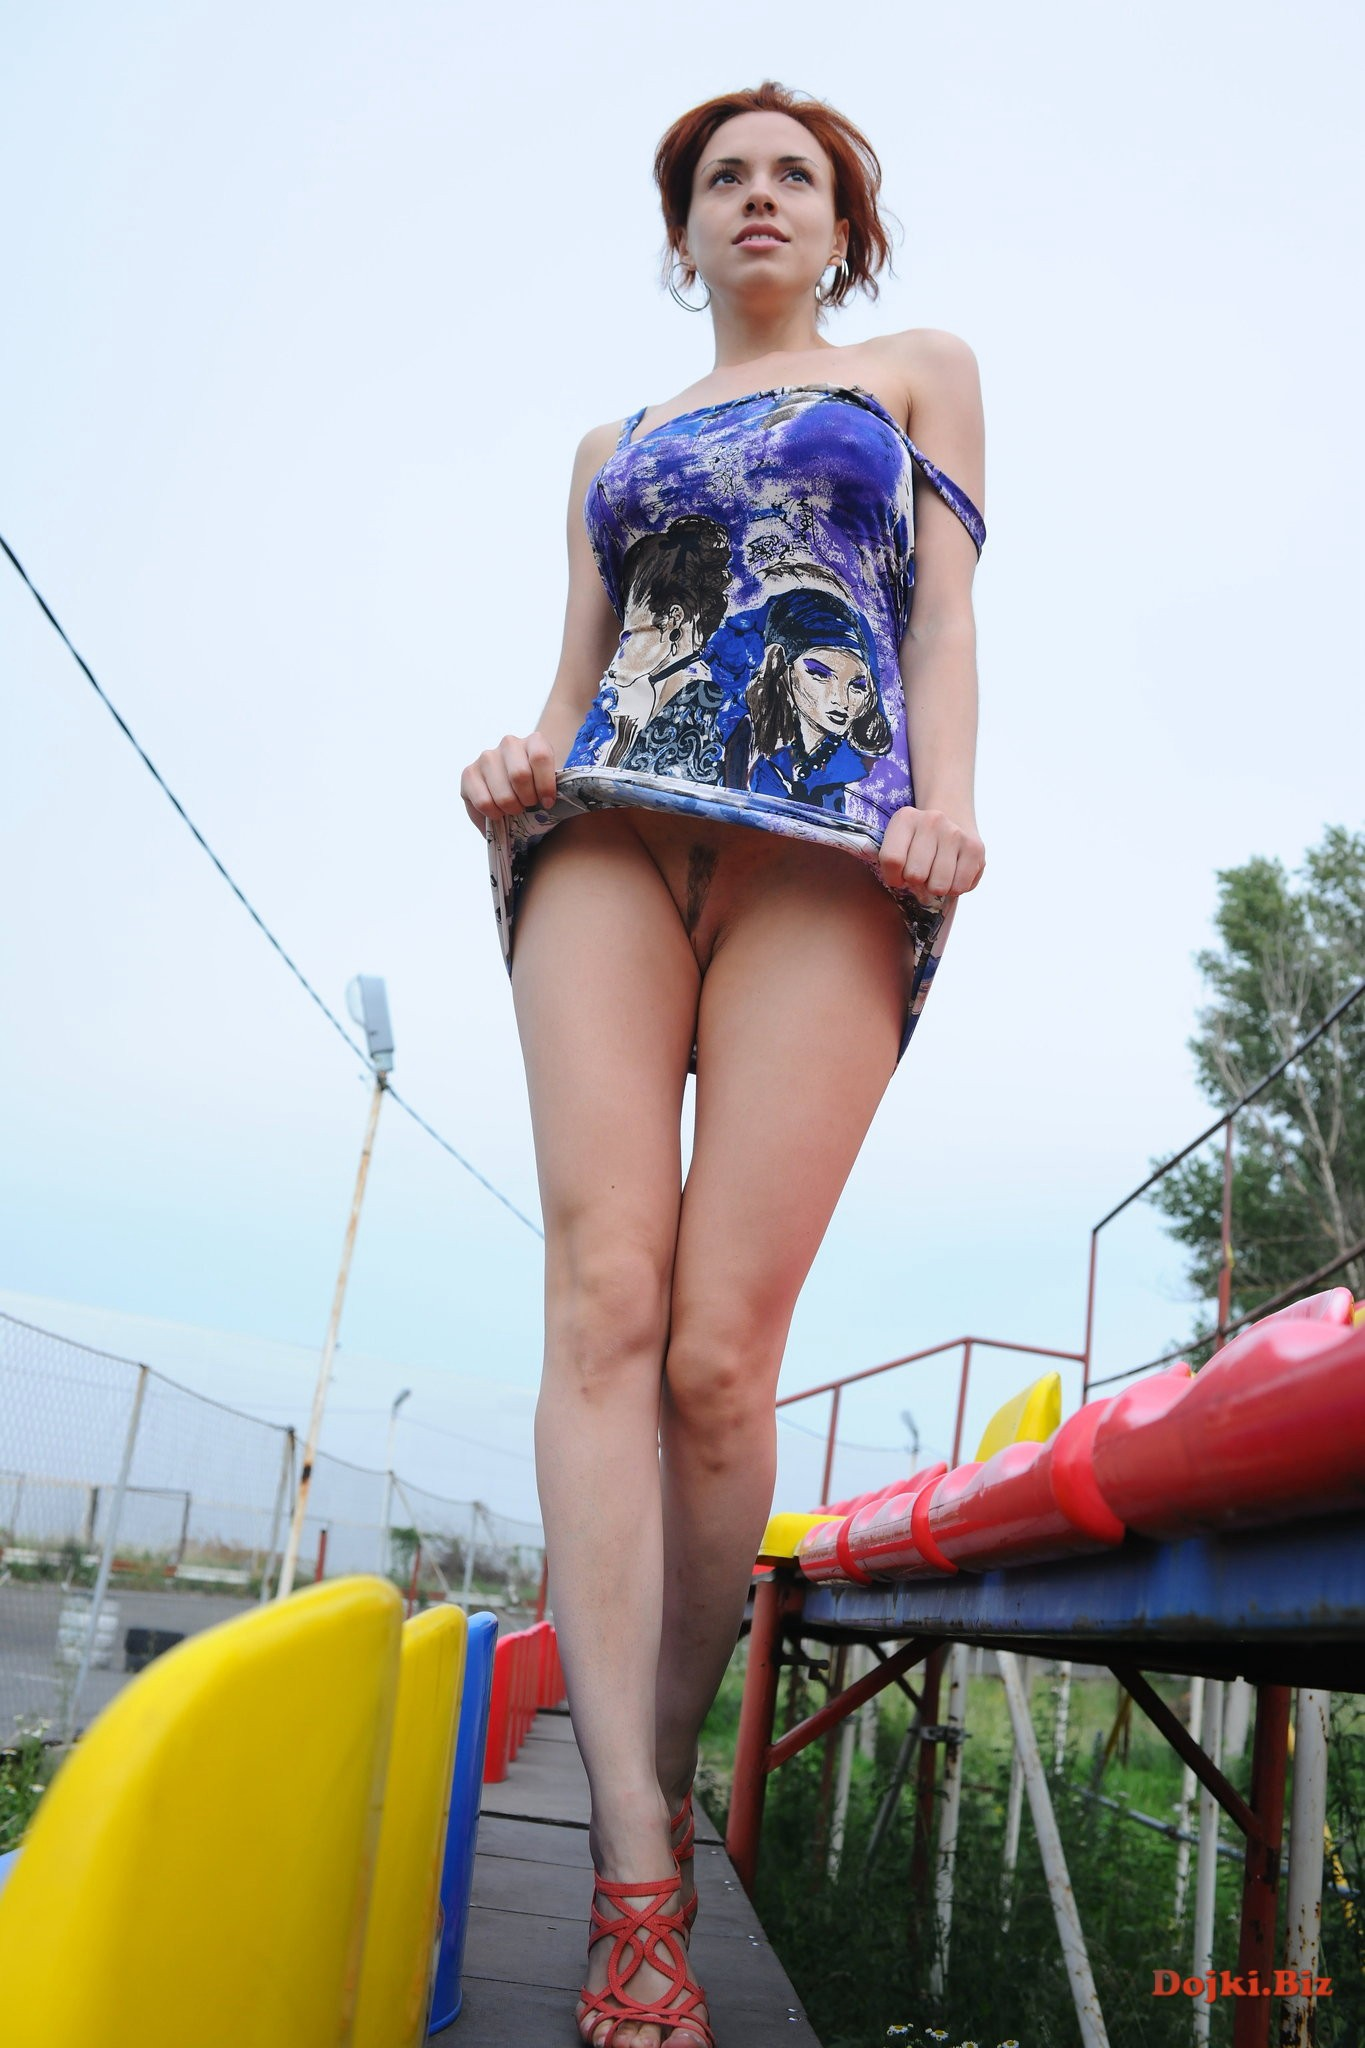 Девушка прогуливается без трусиков под платьем